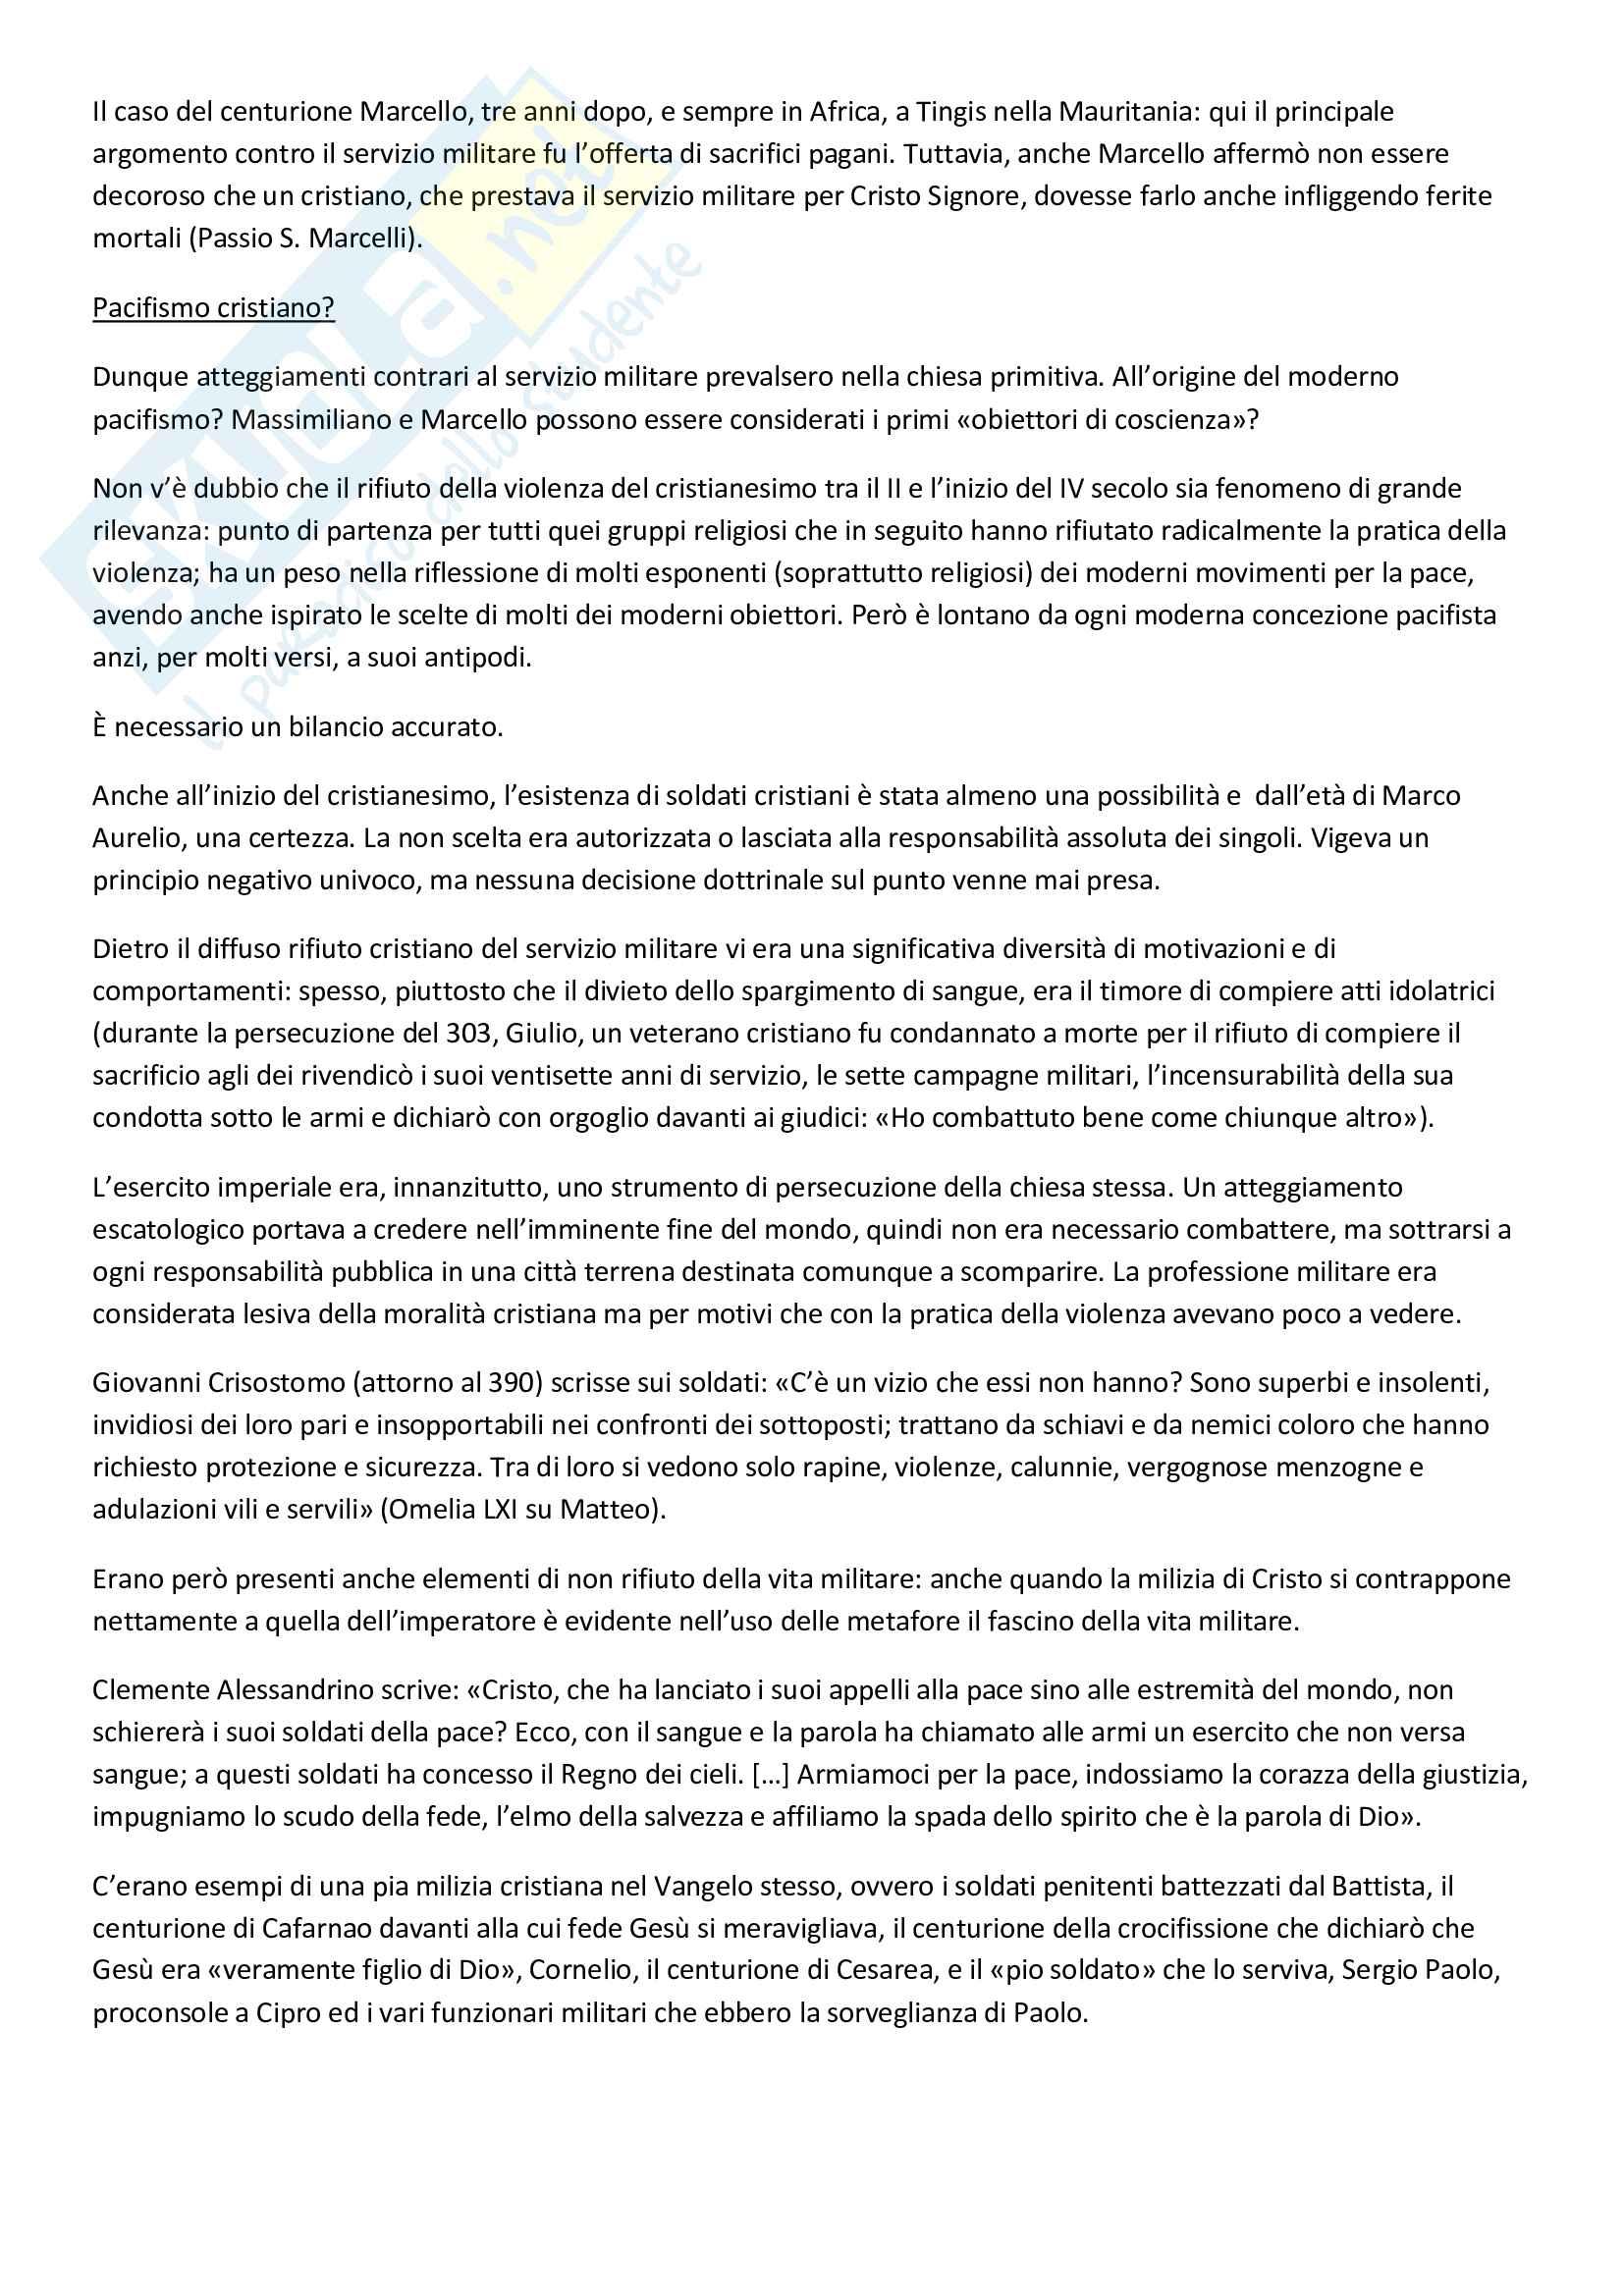 Storia della pace - Appunti Pag. 26